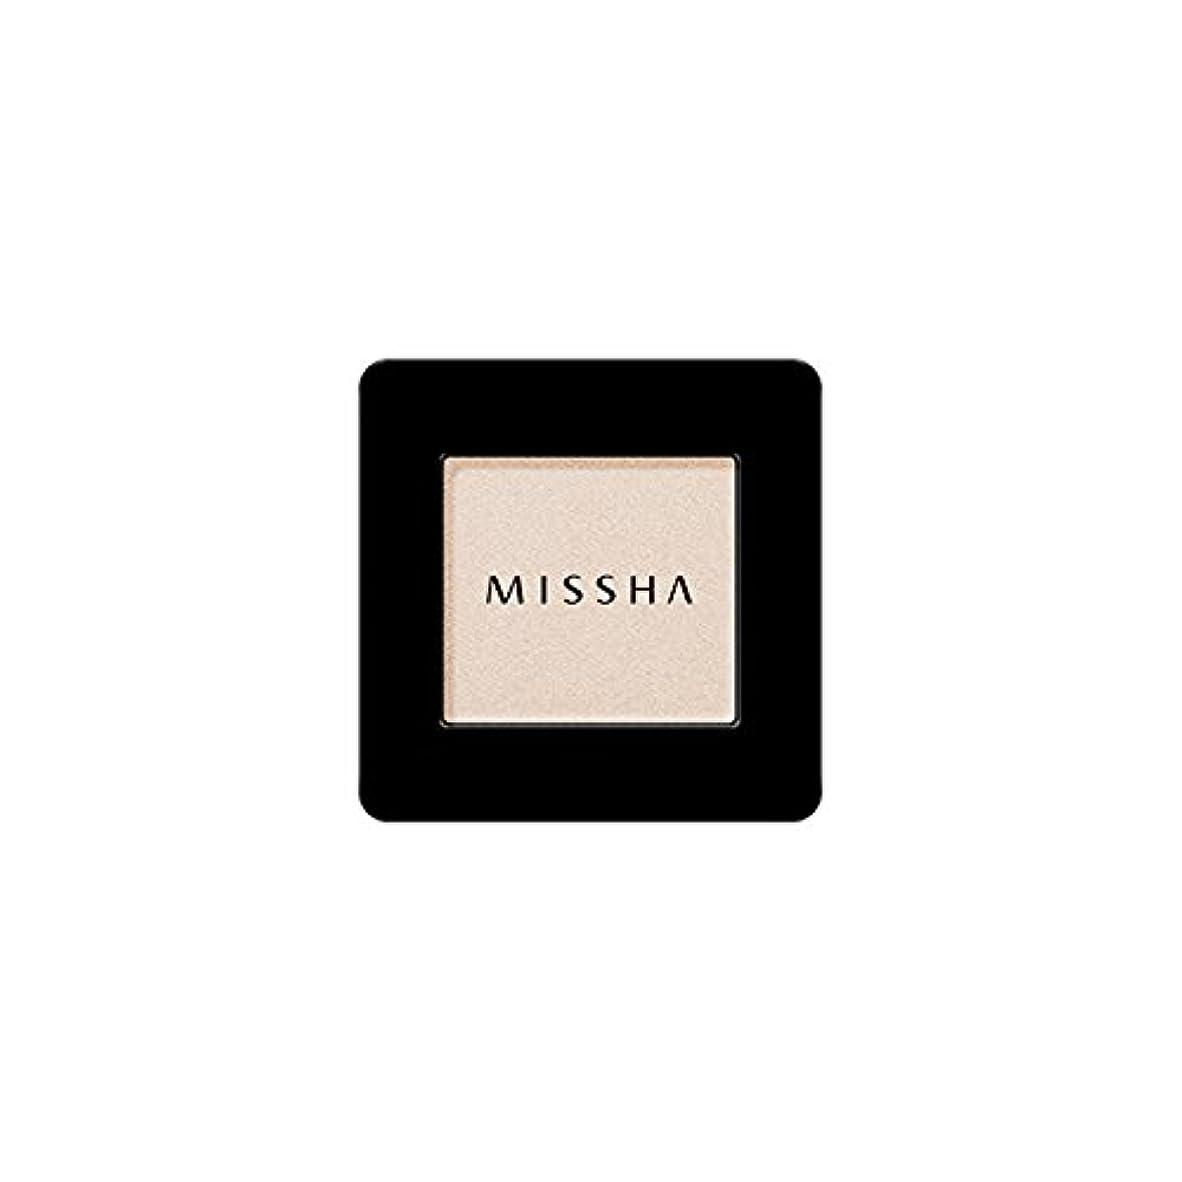 不名誉教プロフィールMISSHA Modern Shadow [SHIMMER] 1.8g (#SBE01 Santa Barbara)/ミシャ モダン シャドウ [シマー] 1.8g (#SBE01 Santa Barbara)